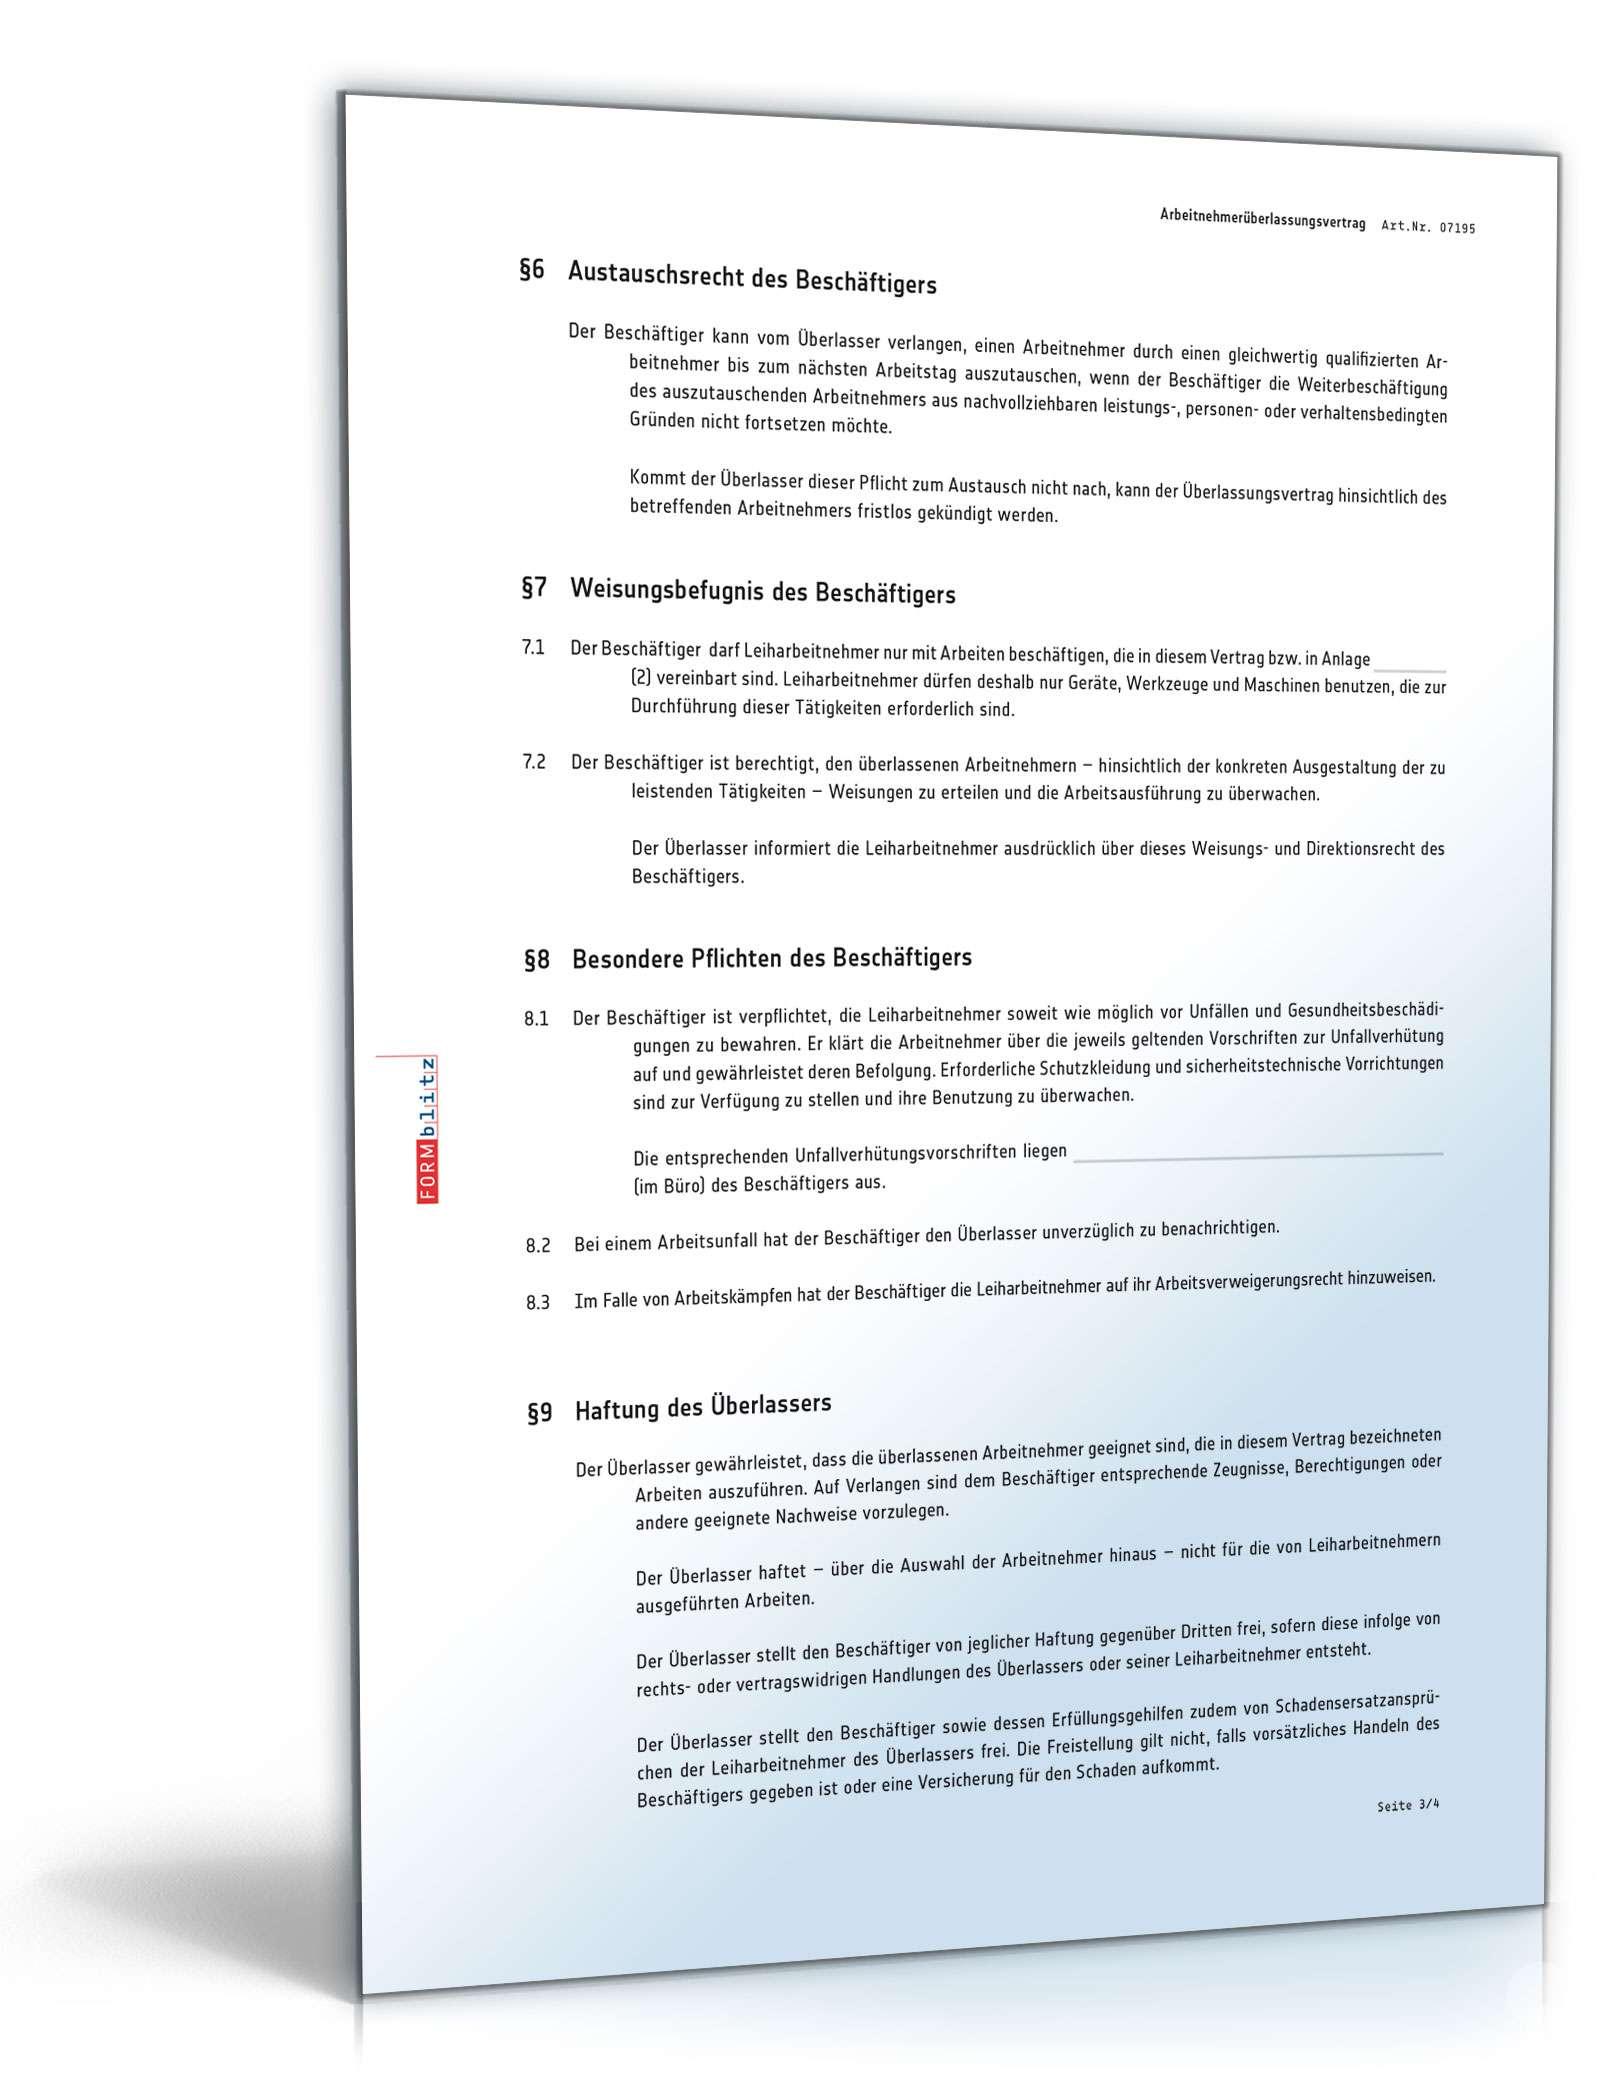 pdf seite 4 - Arbeitnehmeruberlassungsvertrag Muster